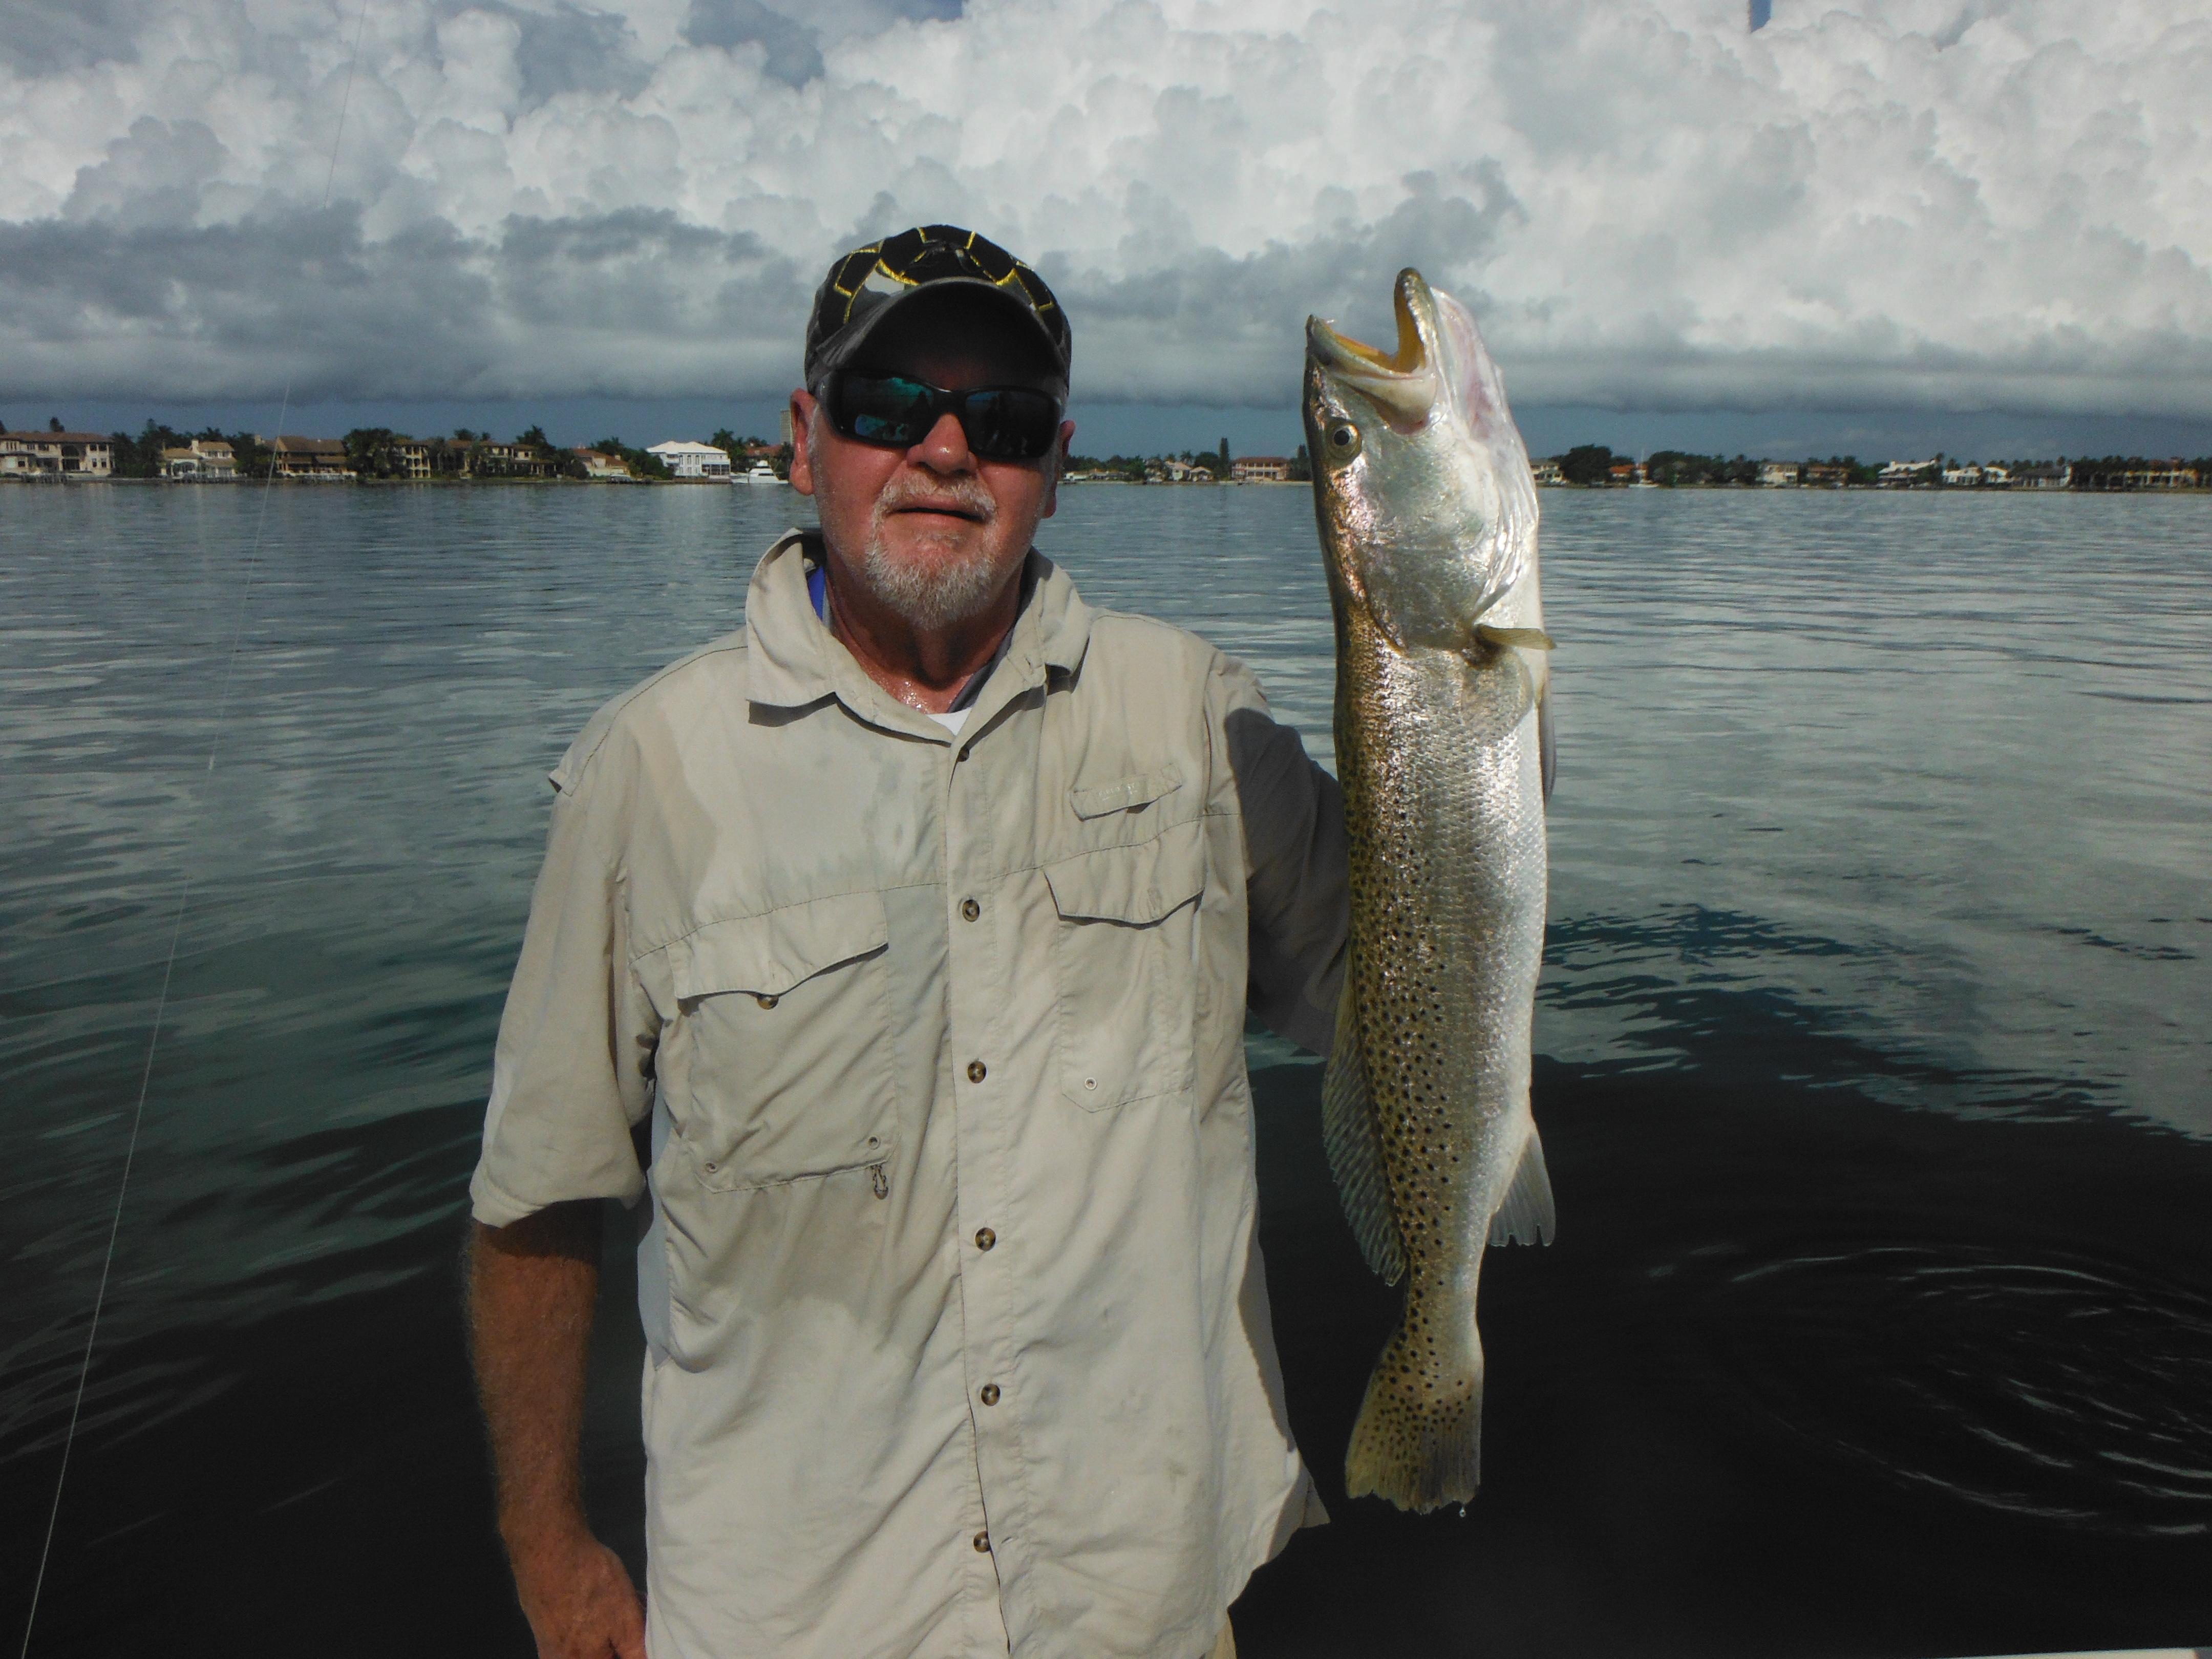 Fishing siesta key florida charter boat fishing blog for Siesta key fishing report